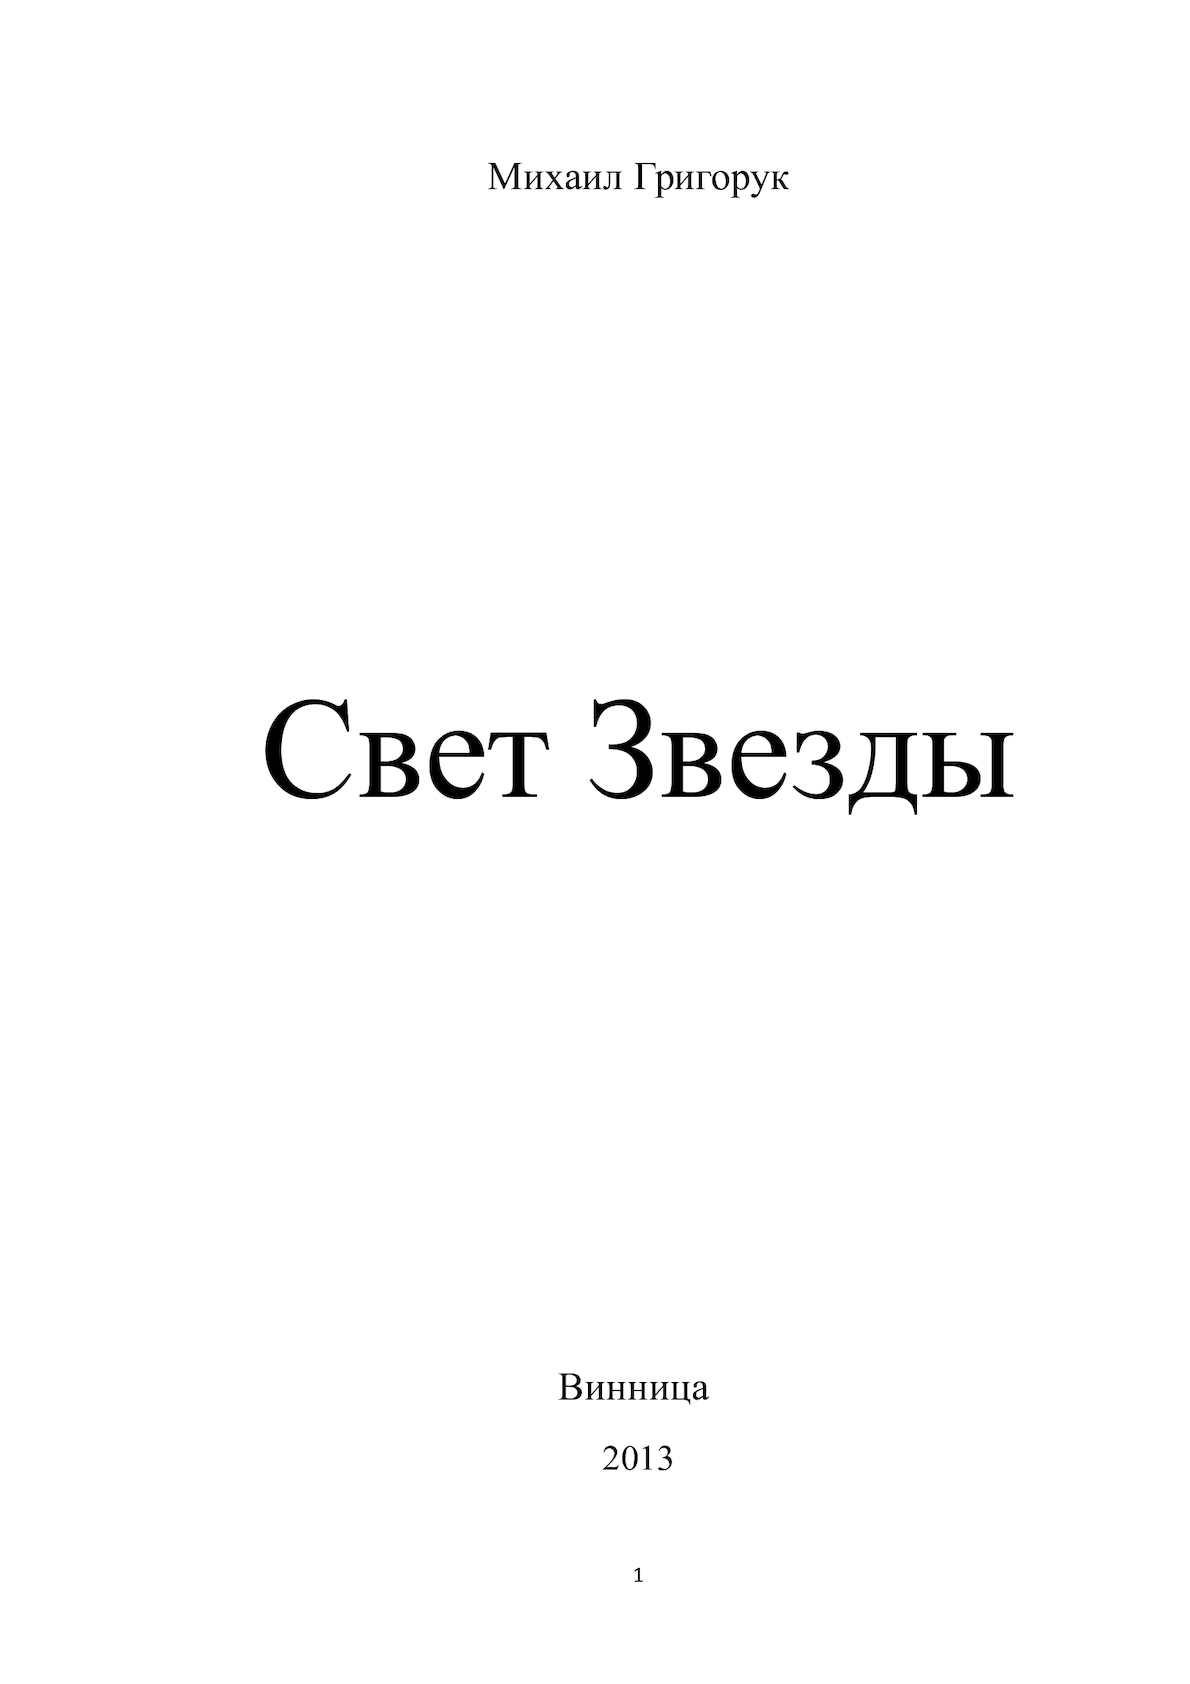 skolko-zarabativayut-dispetchera-v-intim-salonah-v-moskve-valeriya-nemchenko-porno-aktrisa